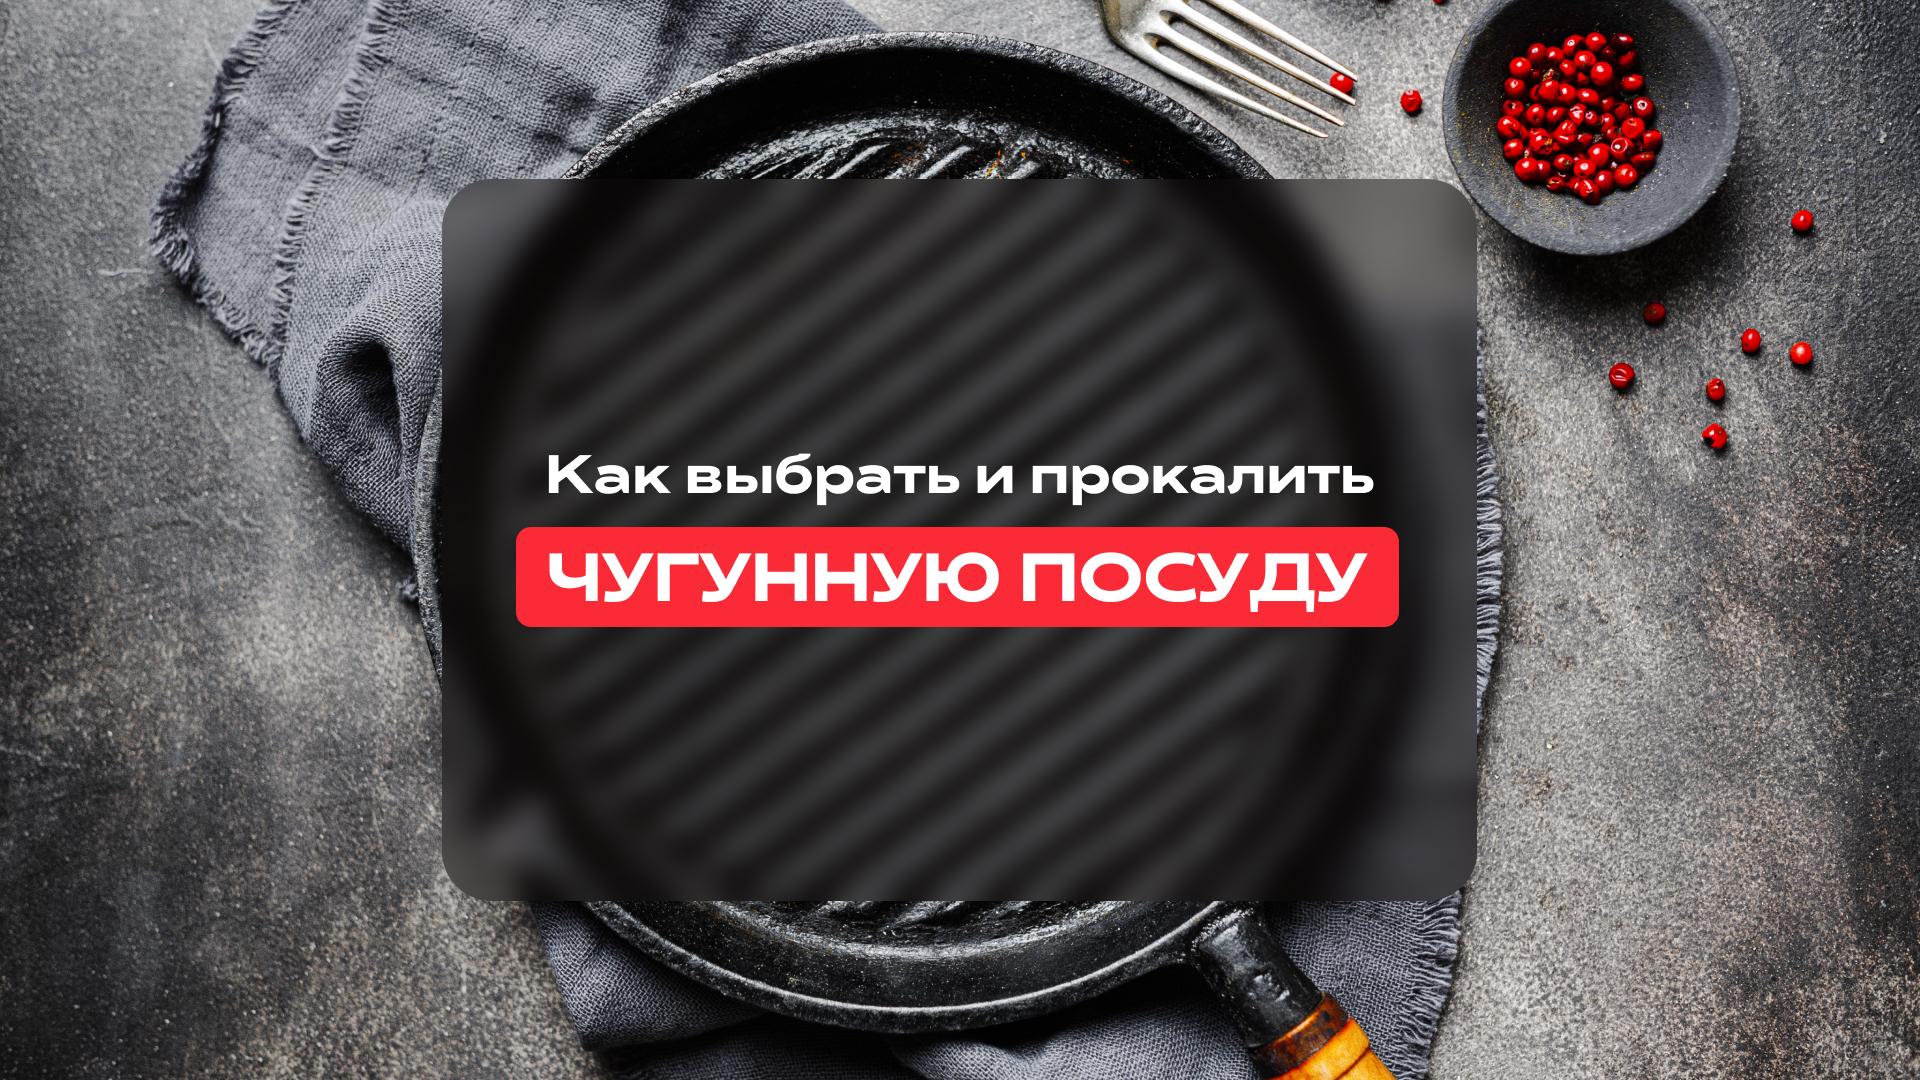 Как выбрать и прокалить Чугунную посуду